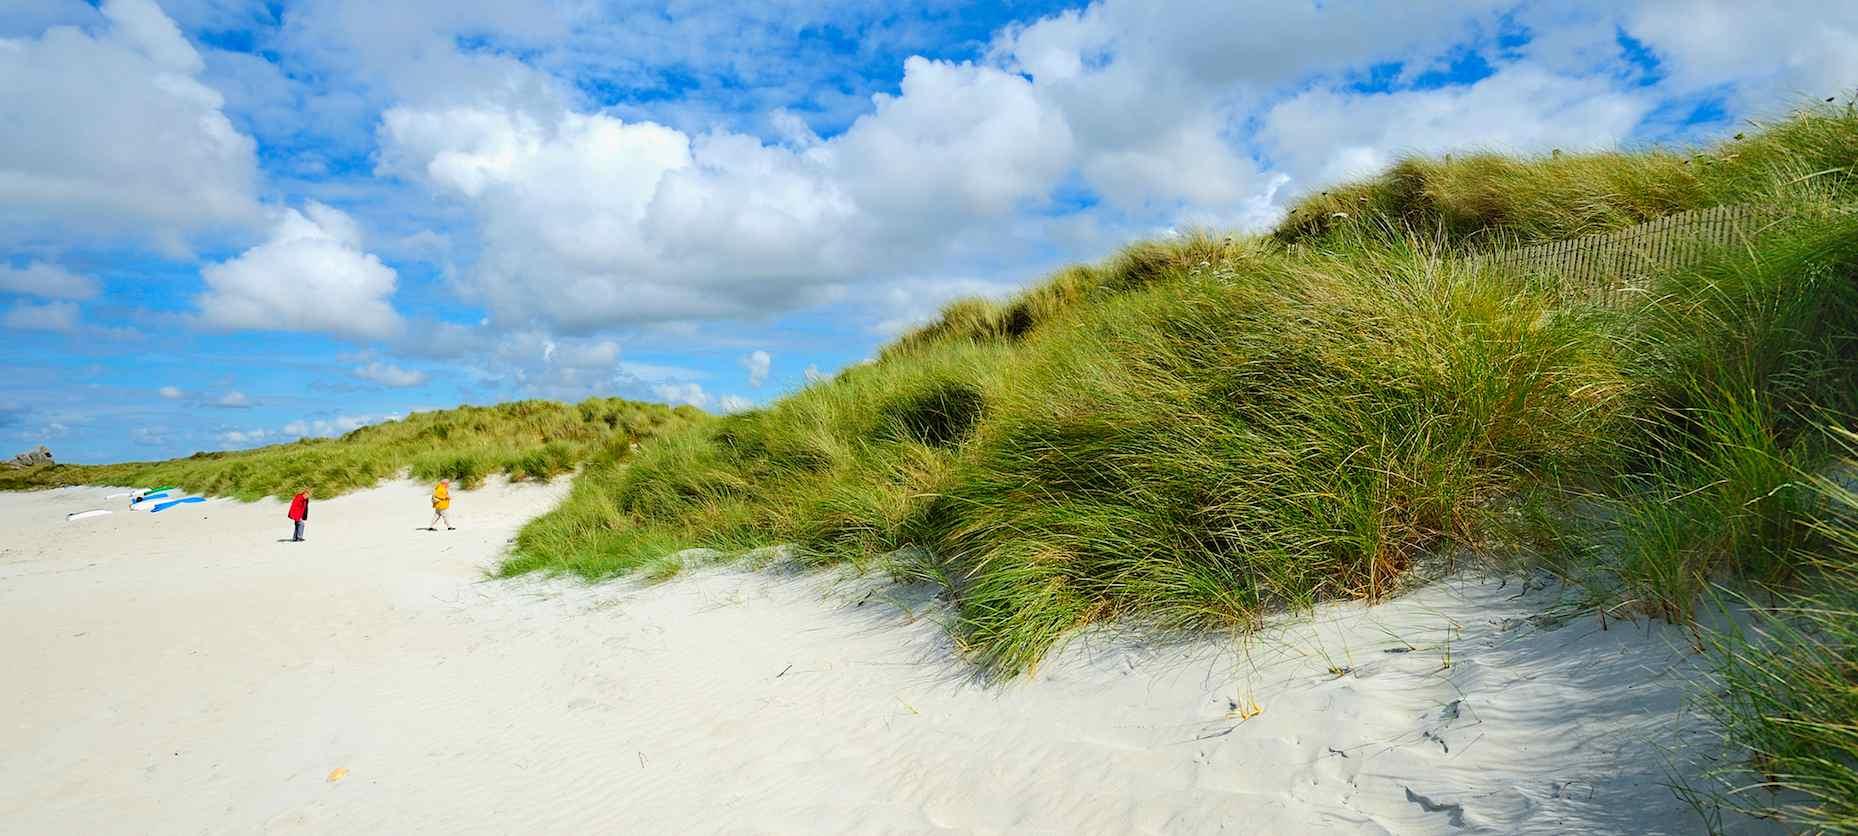 Les dunes, bords de mer en Finistère